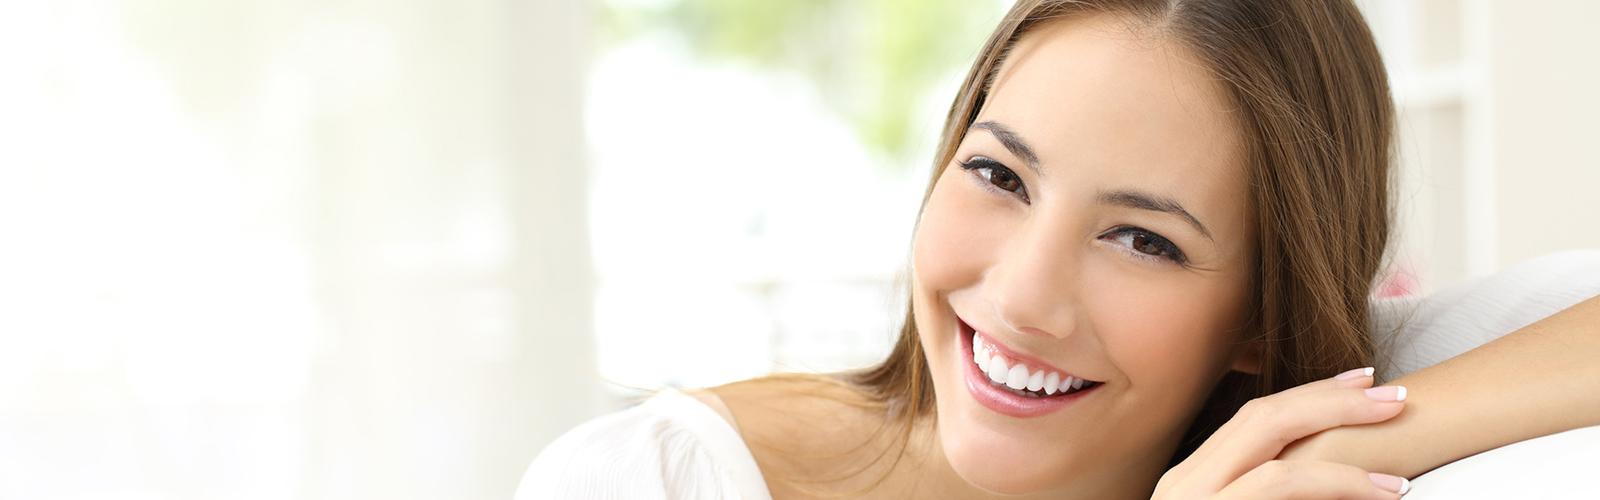 Twarz uśmiechającej się kobiety